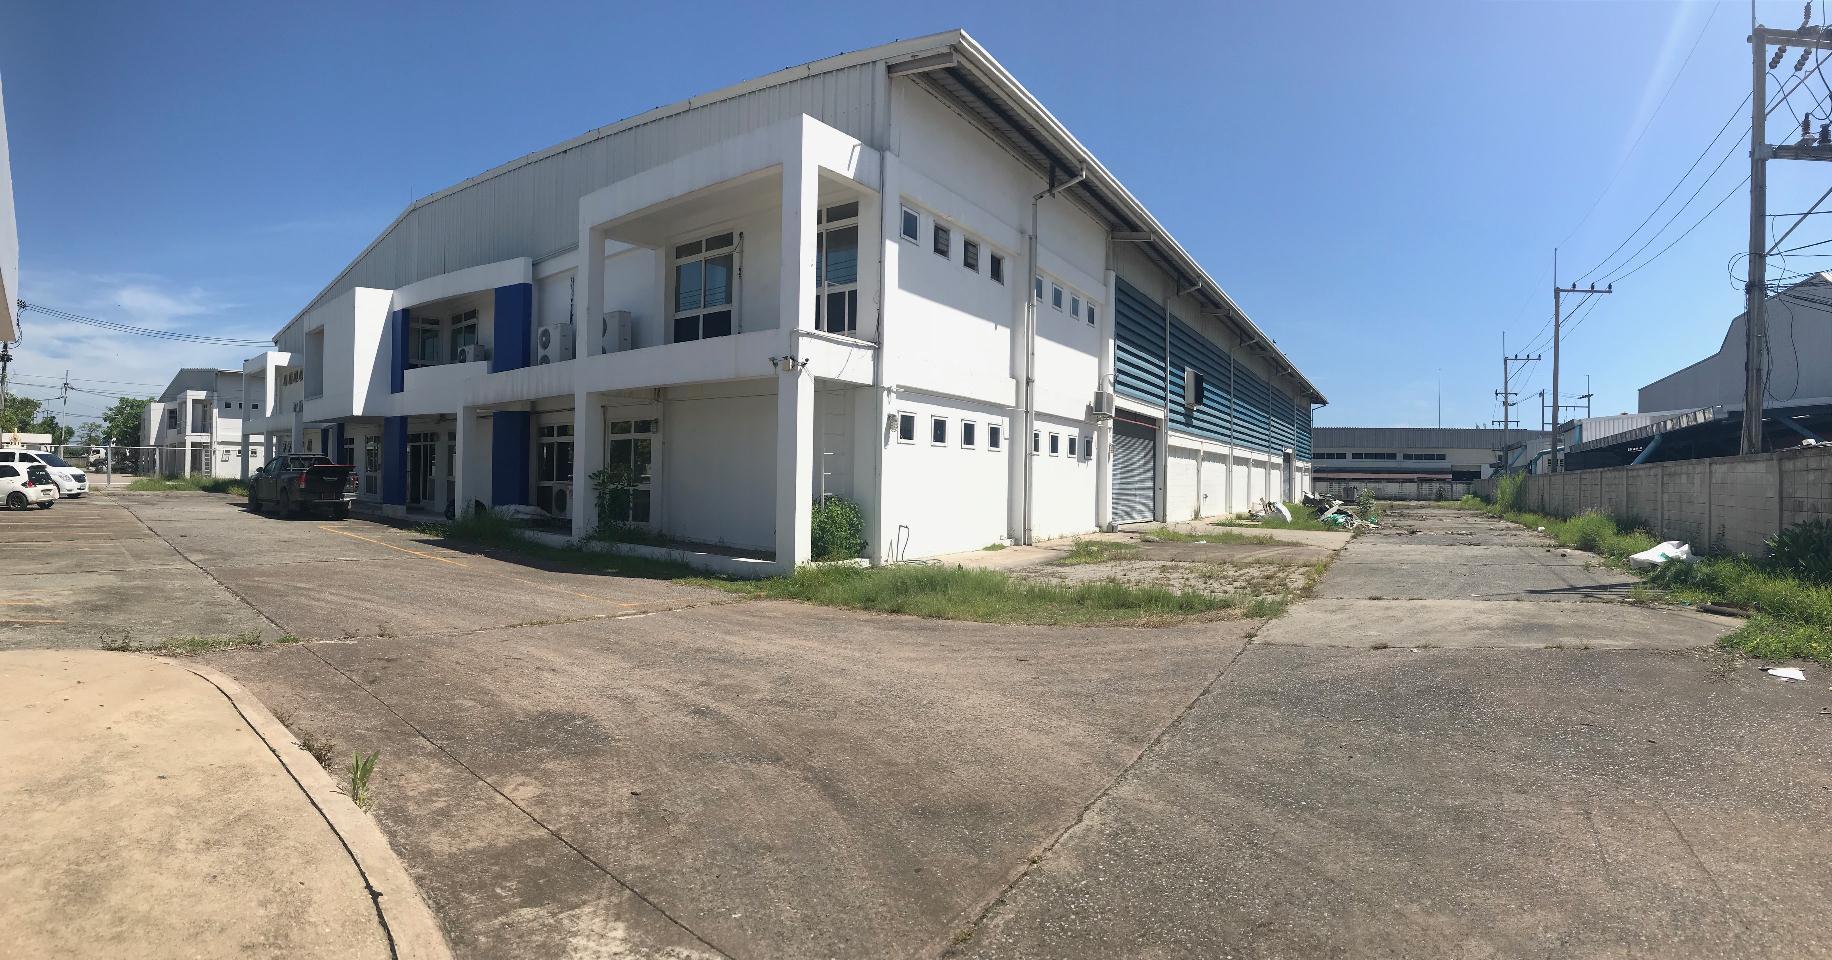 ให้เช่าโรงงานในนิคมอุตสาหกรรมแหลมฉบัง (EPZ II) จังหวัดชลบุรี